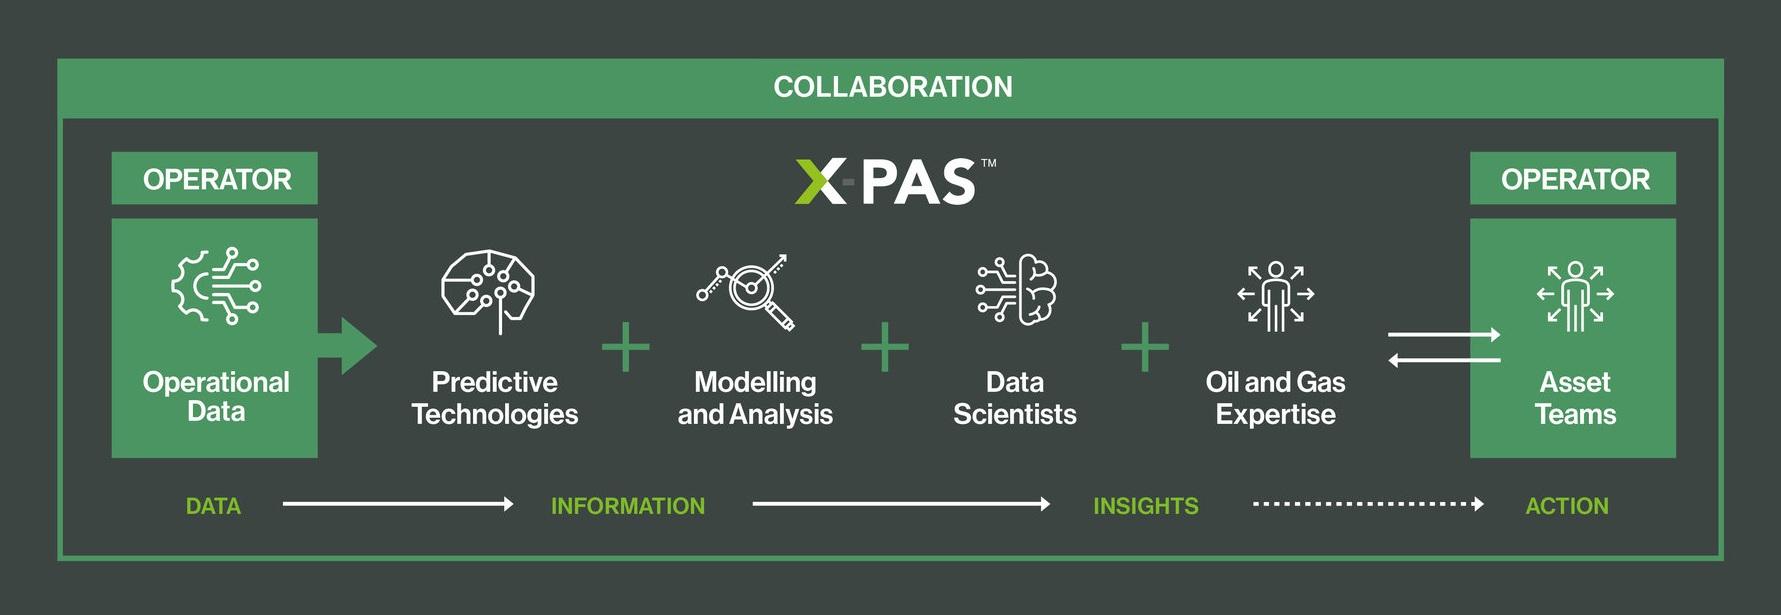 The XPAS Service